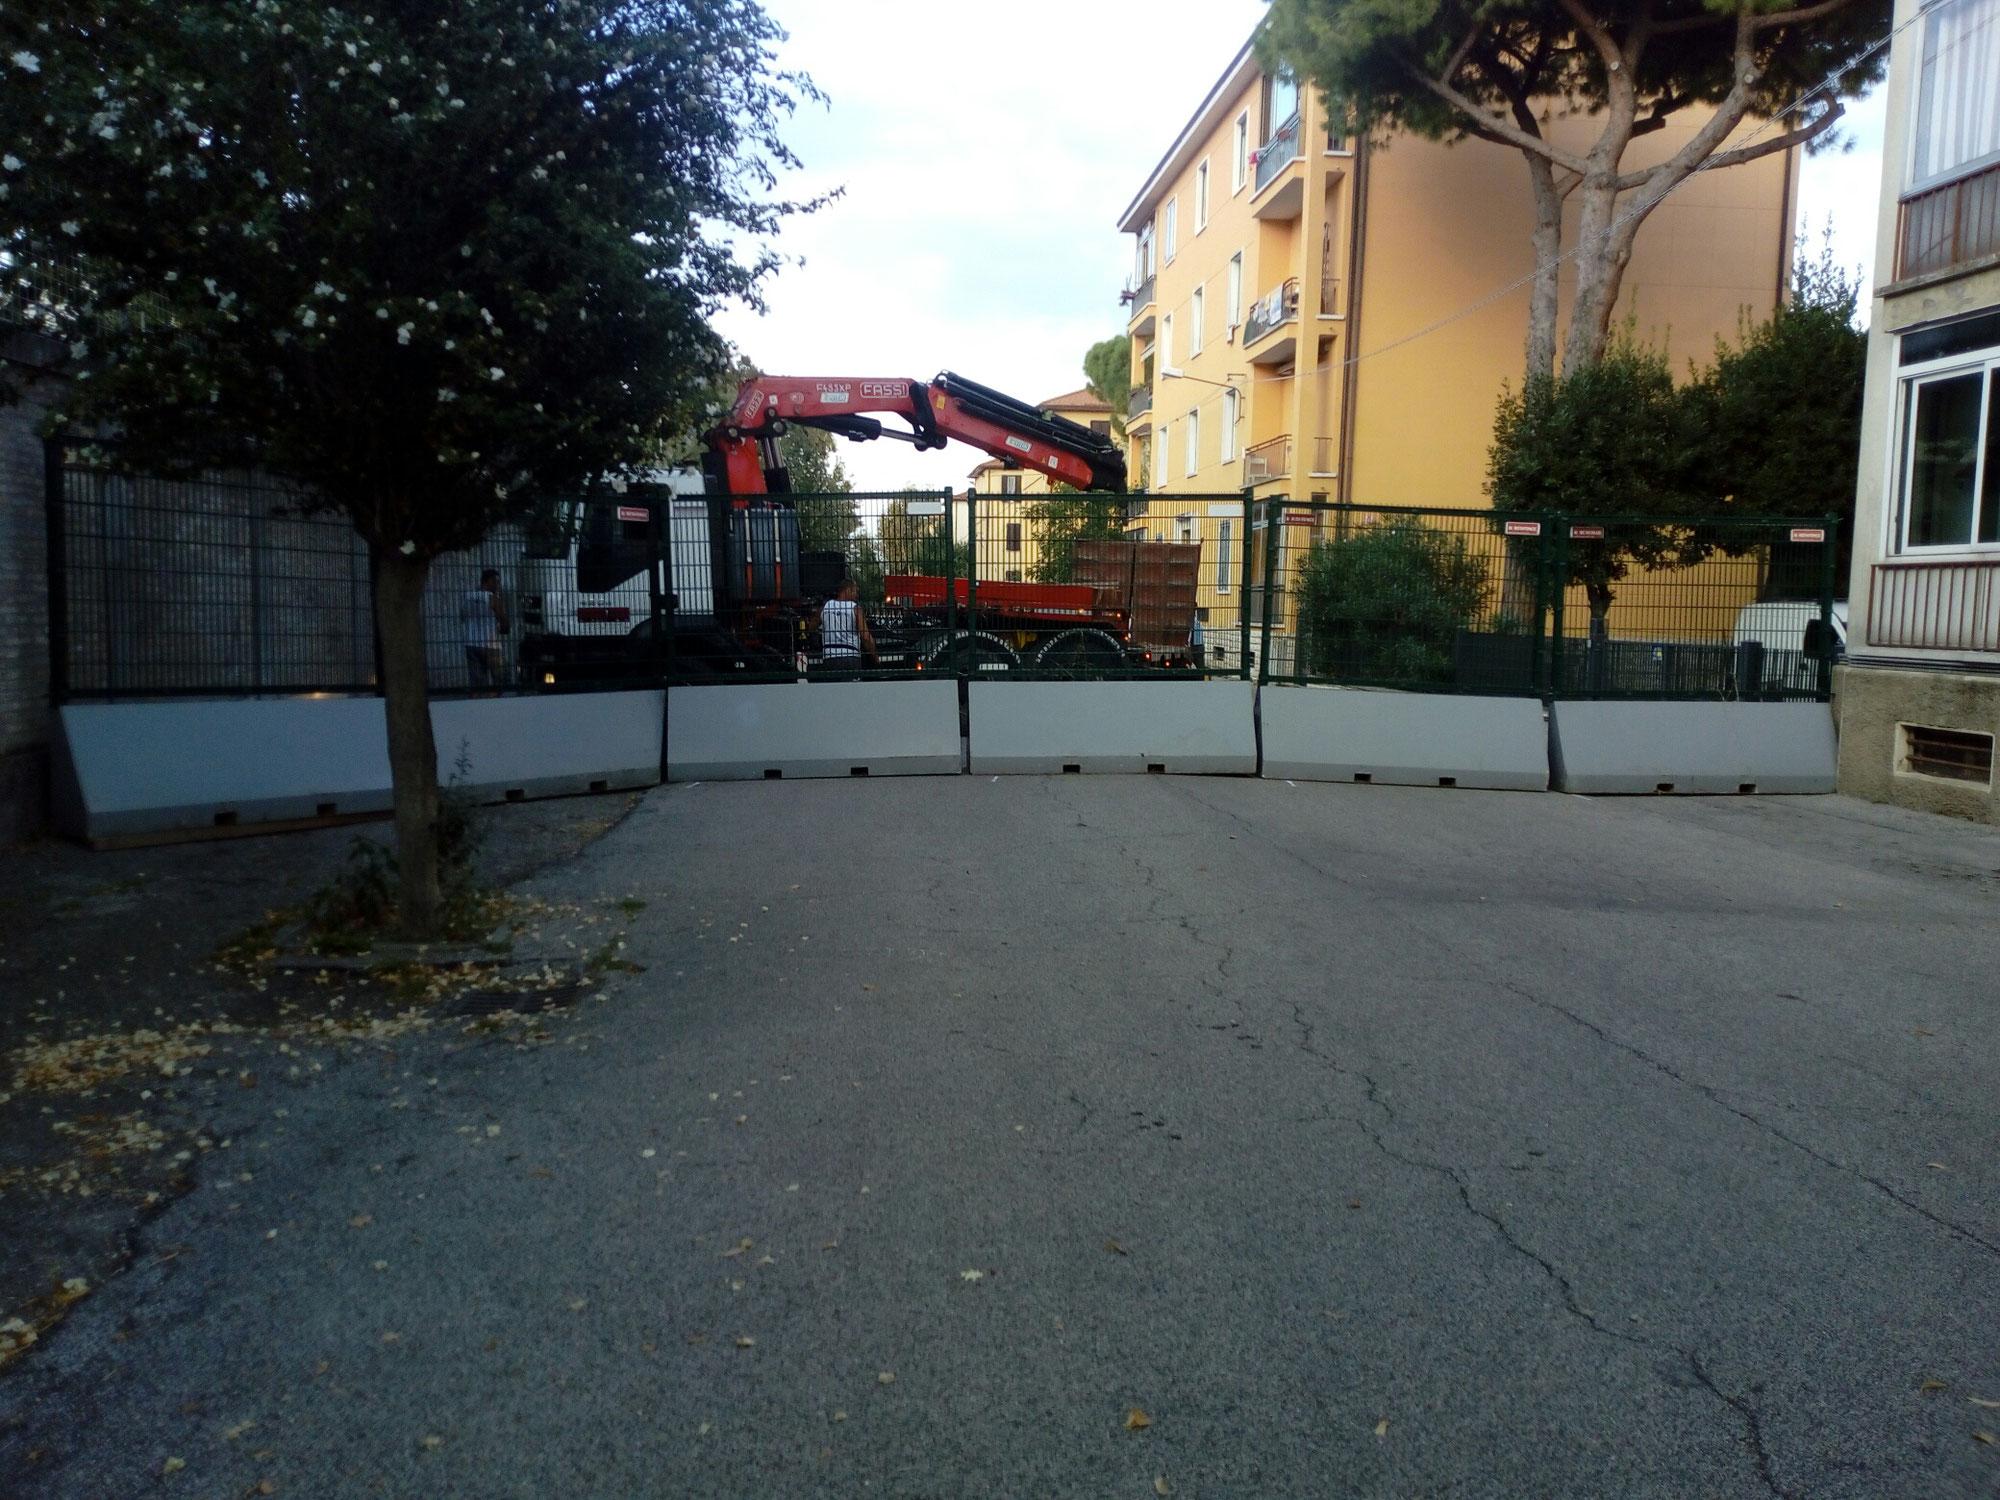 Rimini gru noleggio bilico con gru per posizionamento new jersey sicurezza Stadio di Rimini